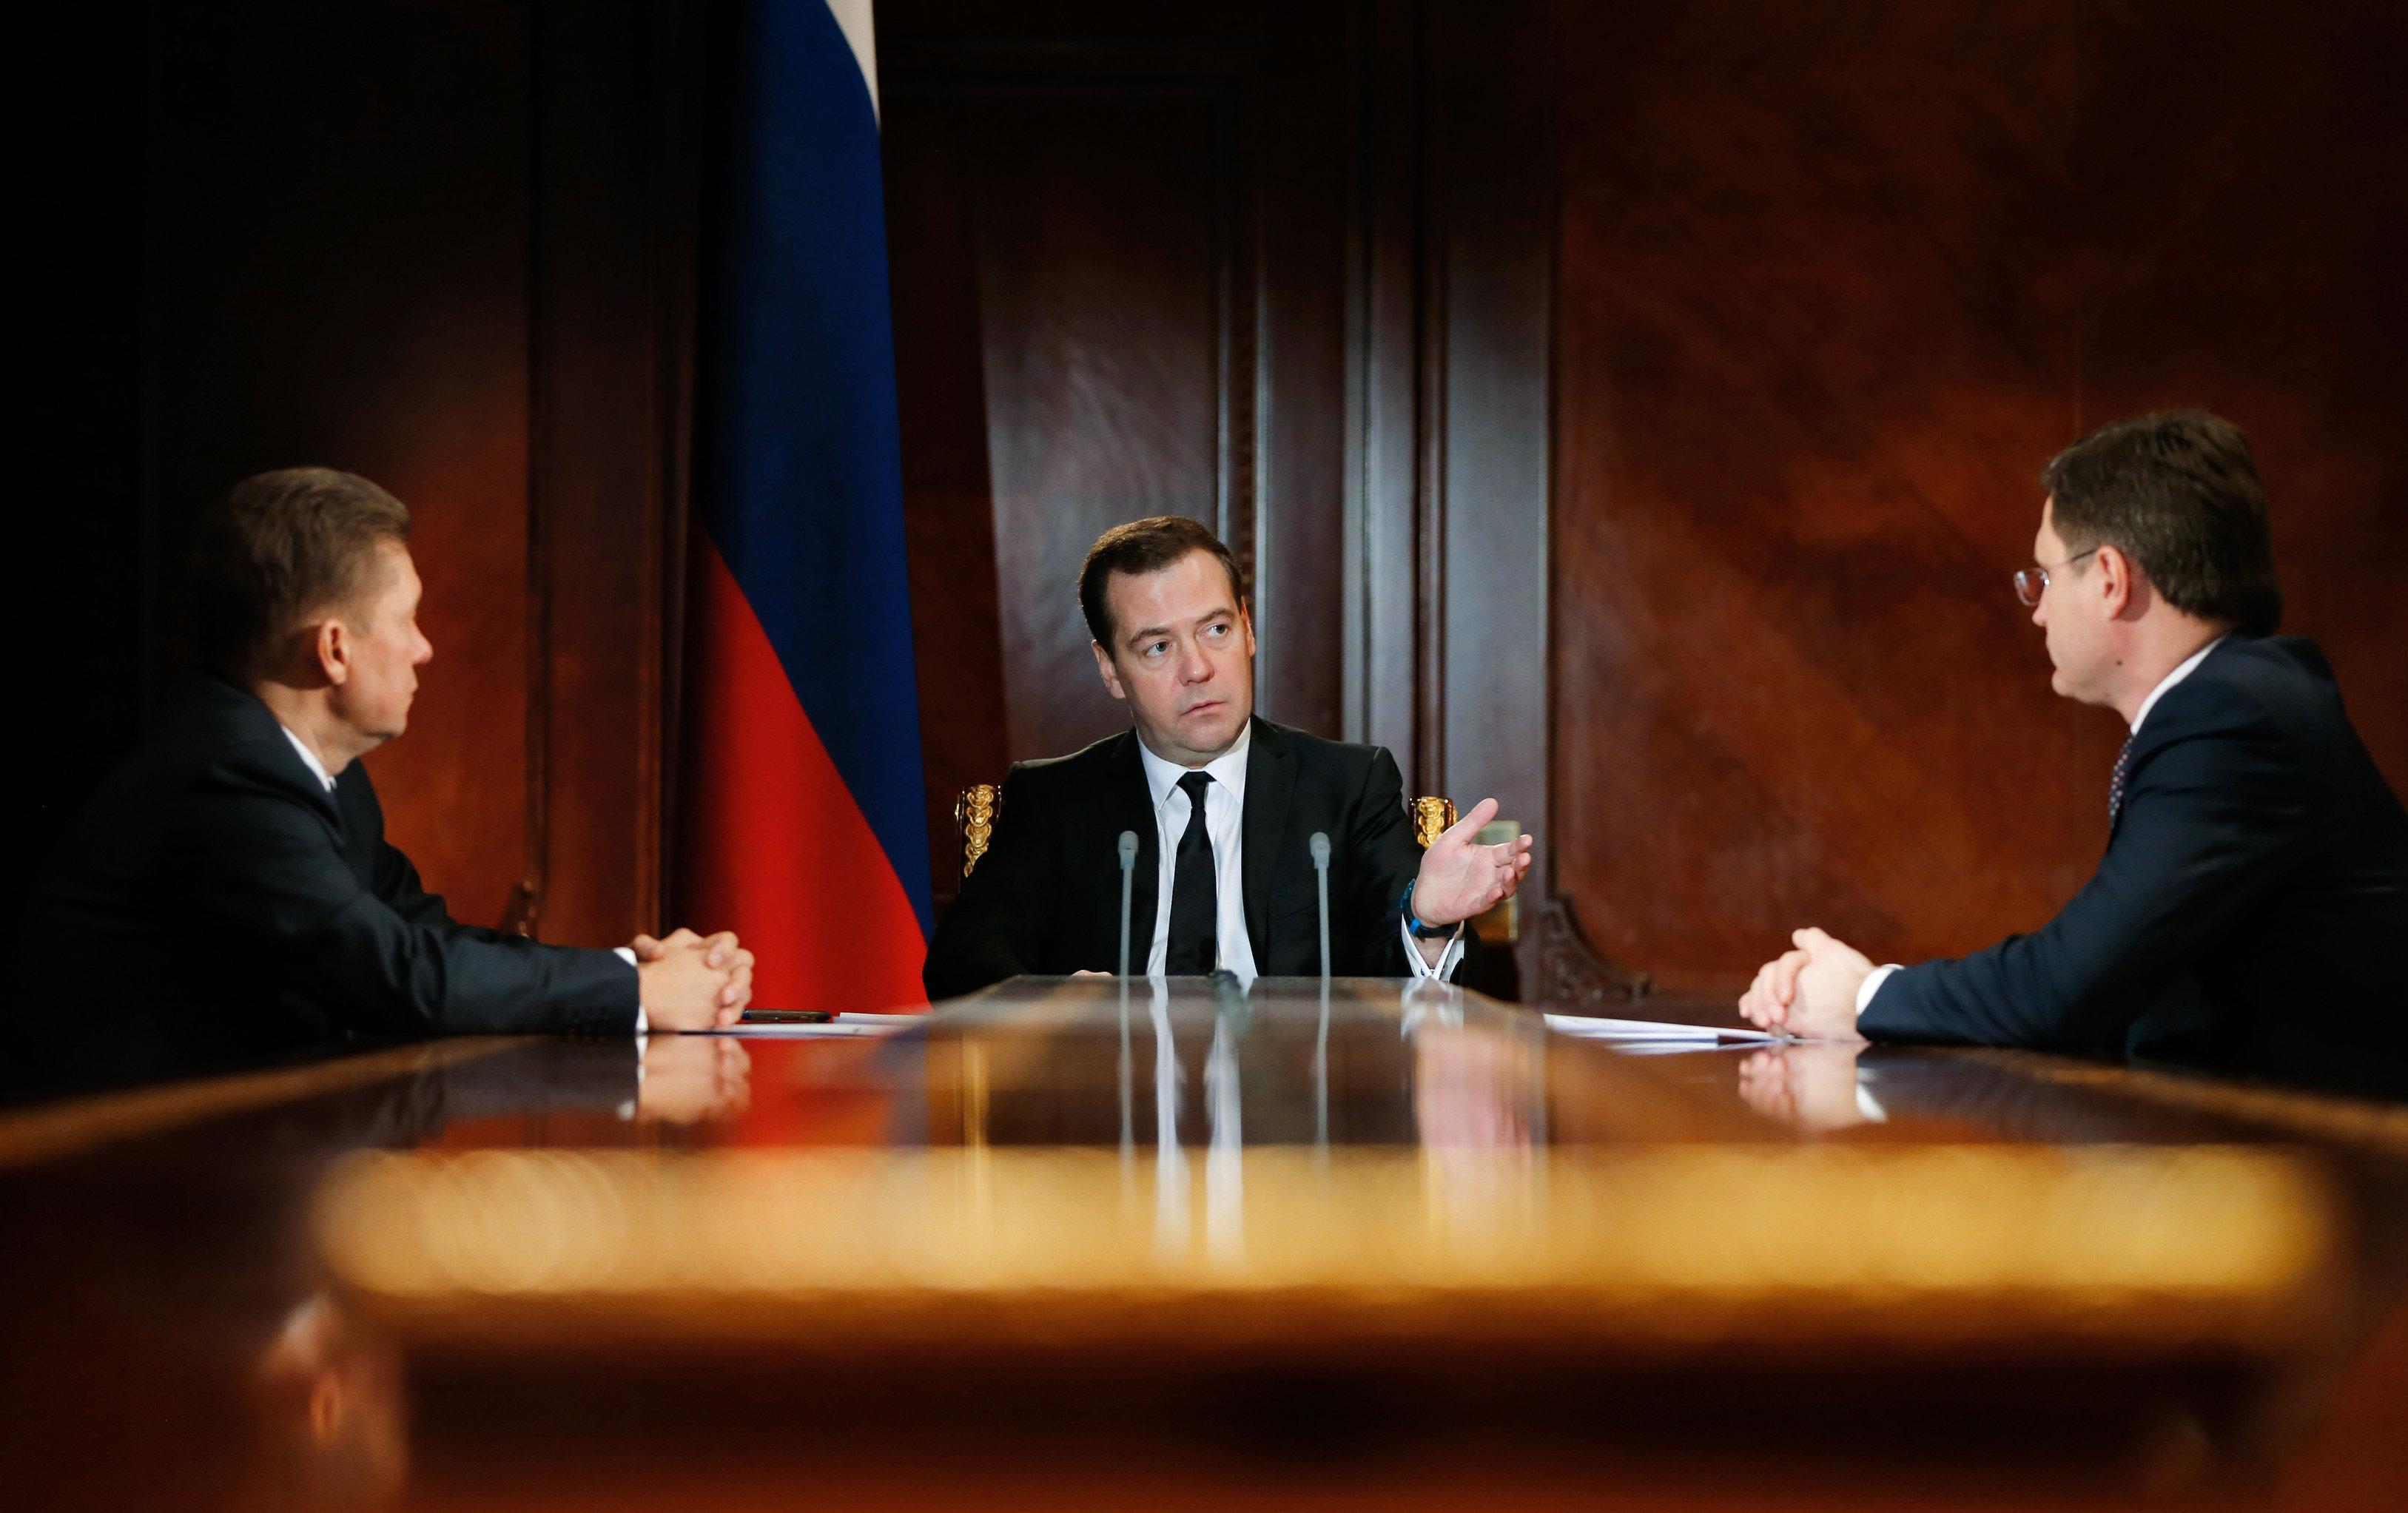 Премьер-министр РФ Д.Медведев провел встречу с главой Газпрома А.Миллером и министром энергетики А.Новаком